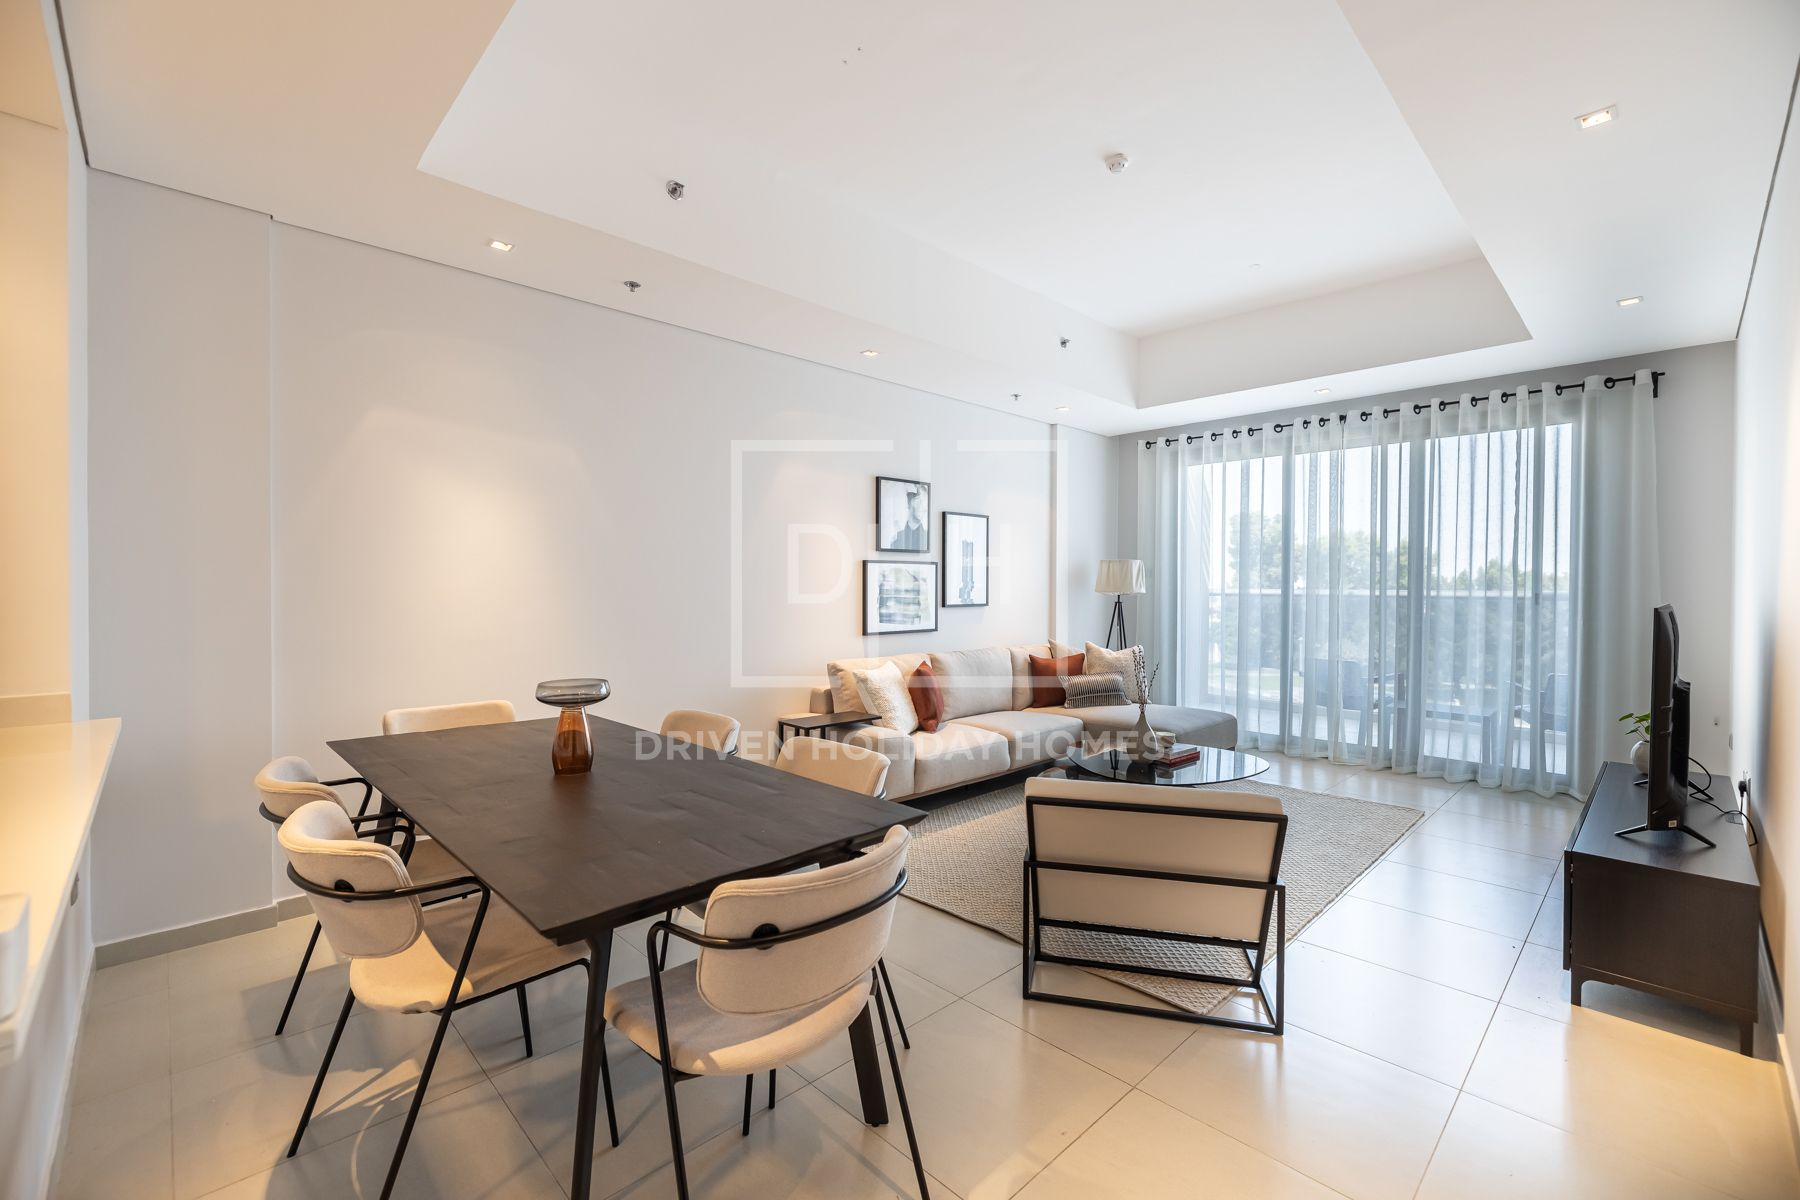 1,206 قدم مربع  شقة - للايجار - أم الشيف